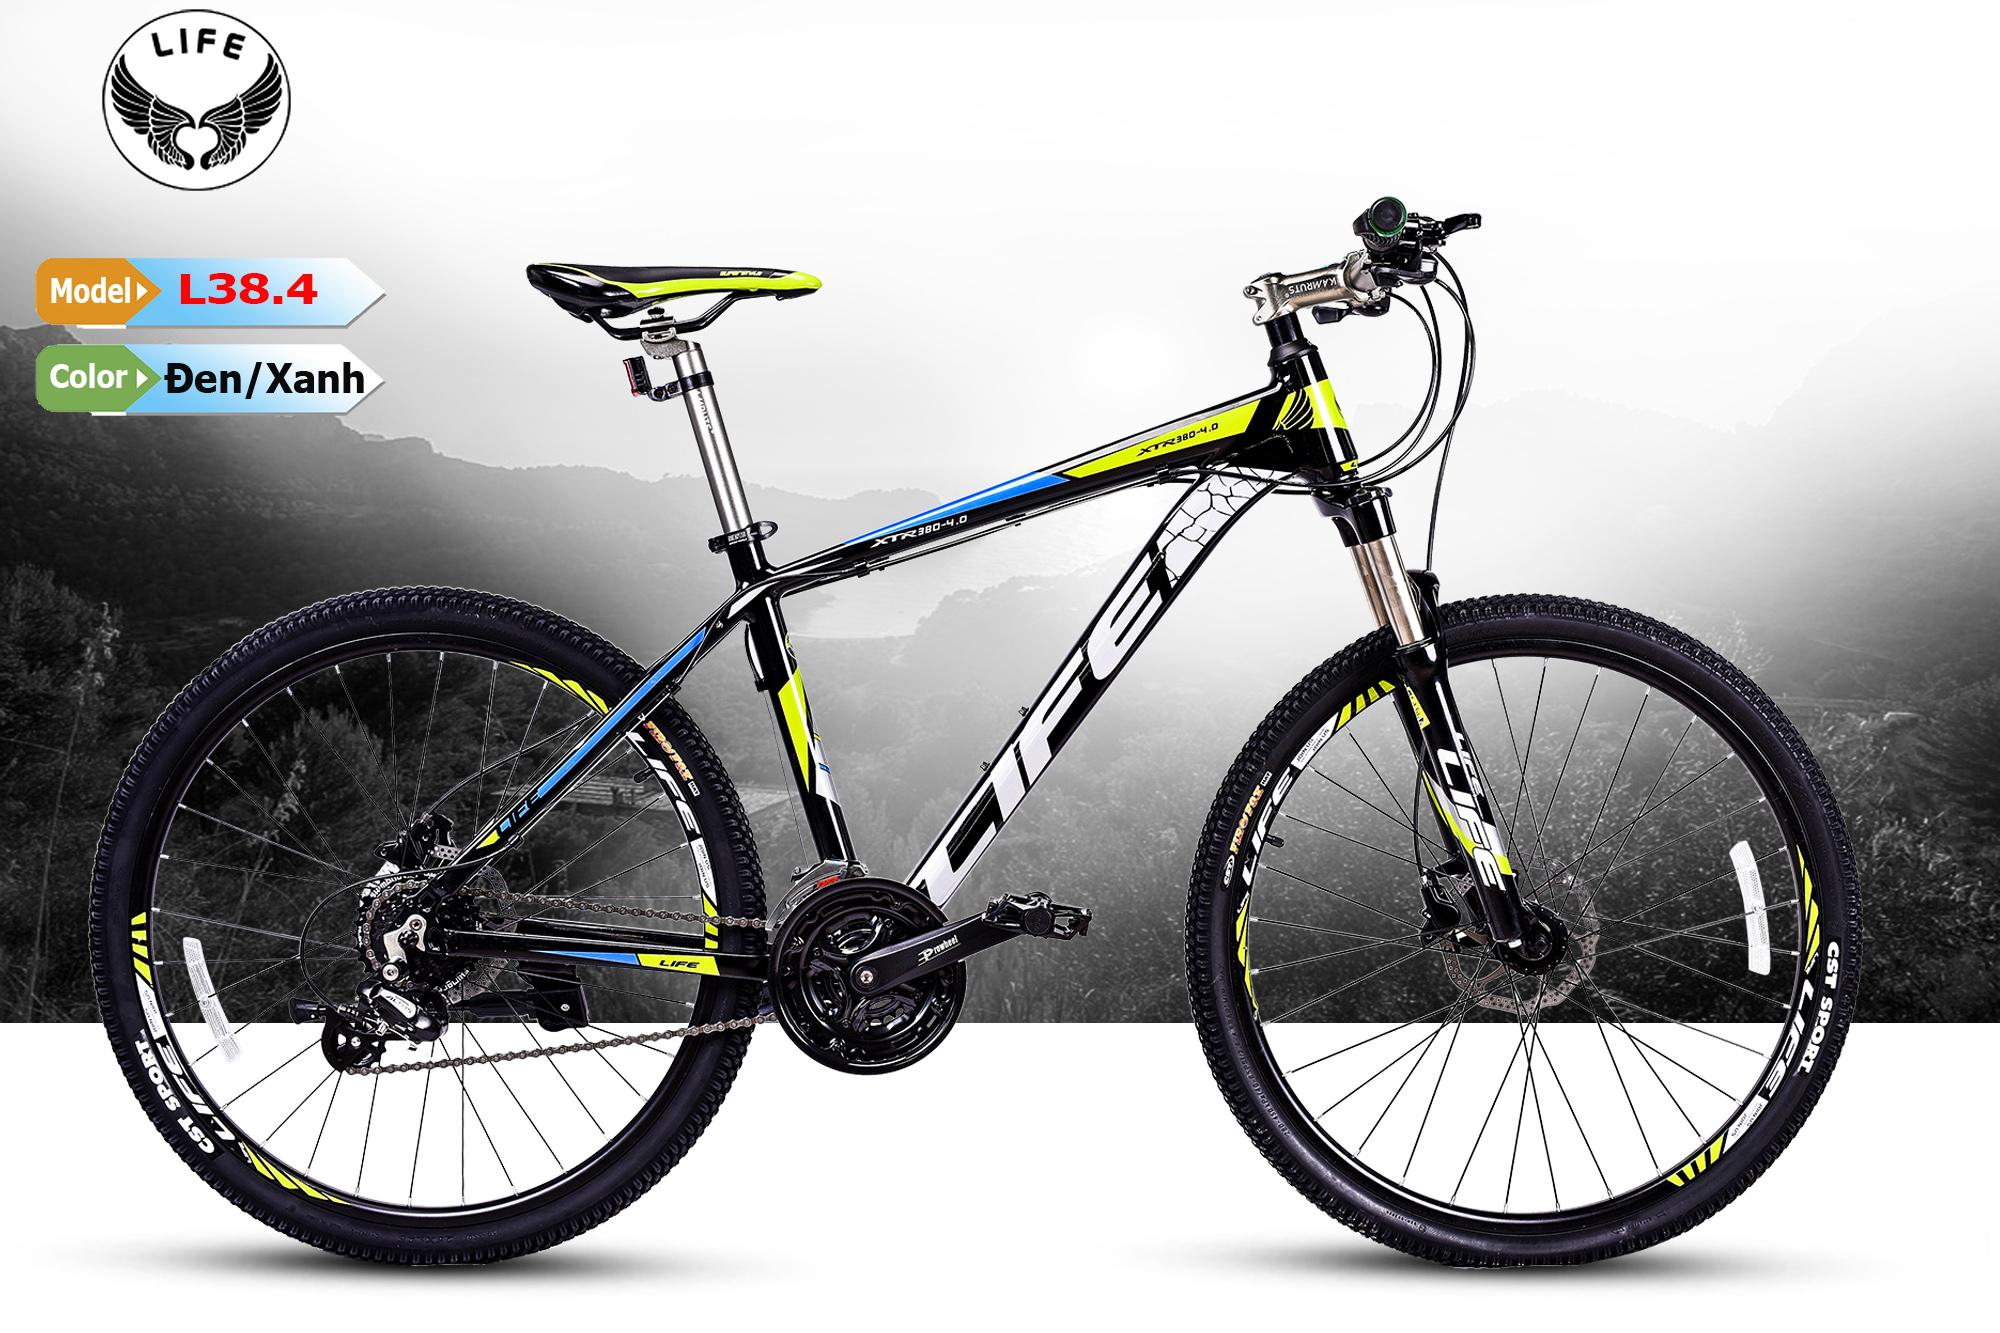 Xe đạp Life L38.4 đen xanh